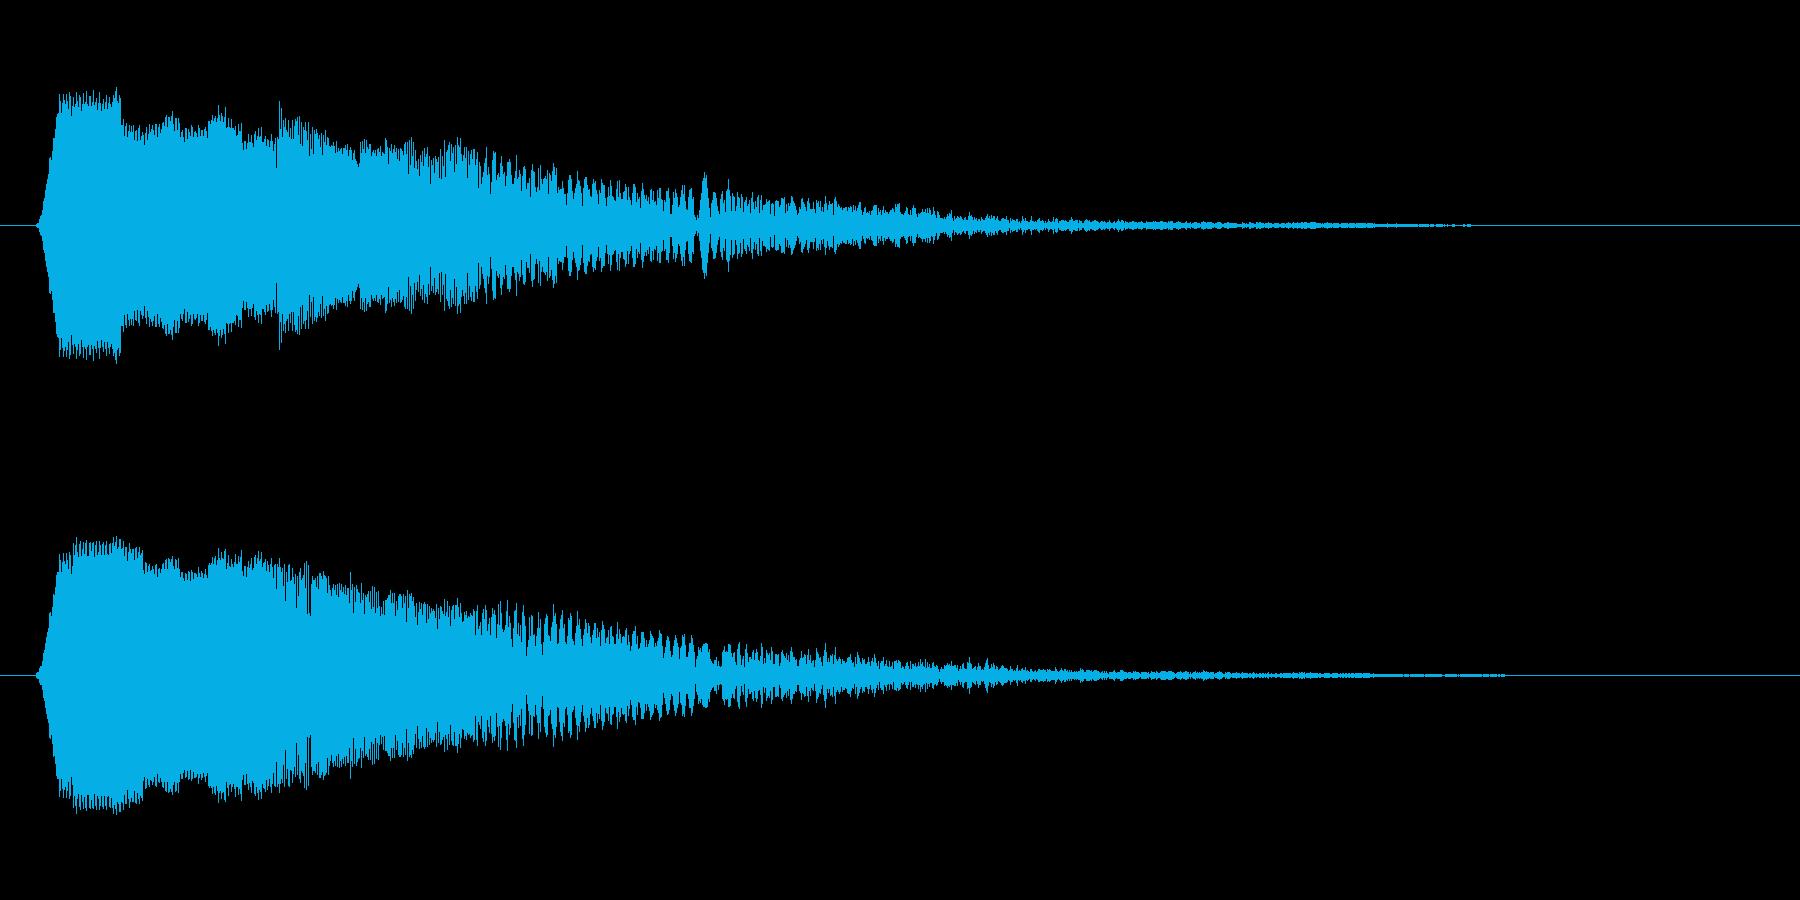 ピロン(クリック音)の再生済みの波形